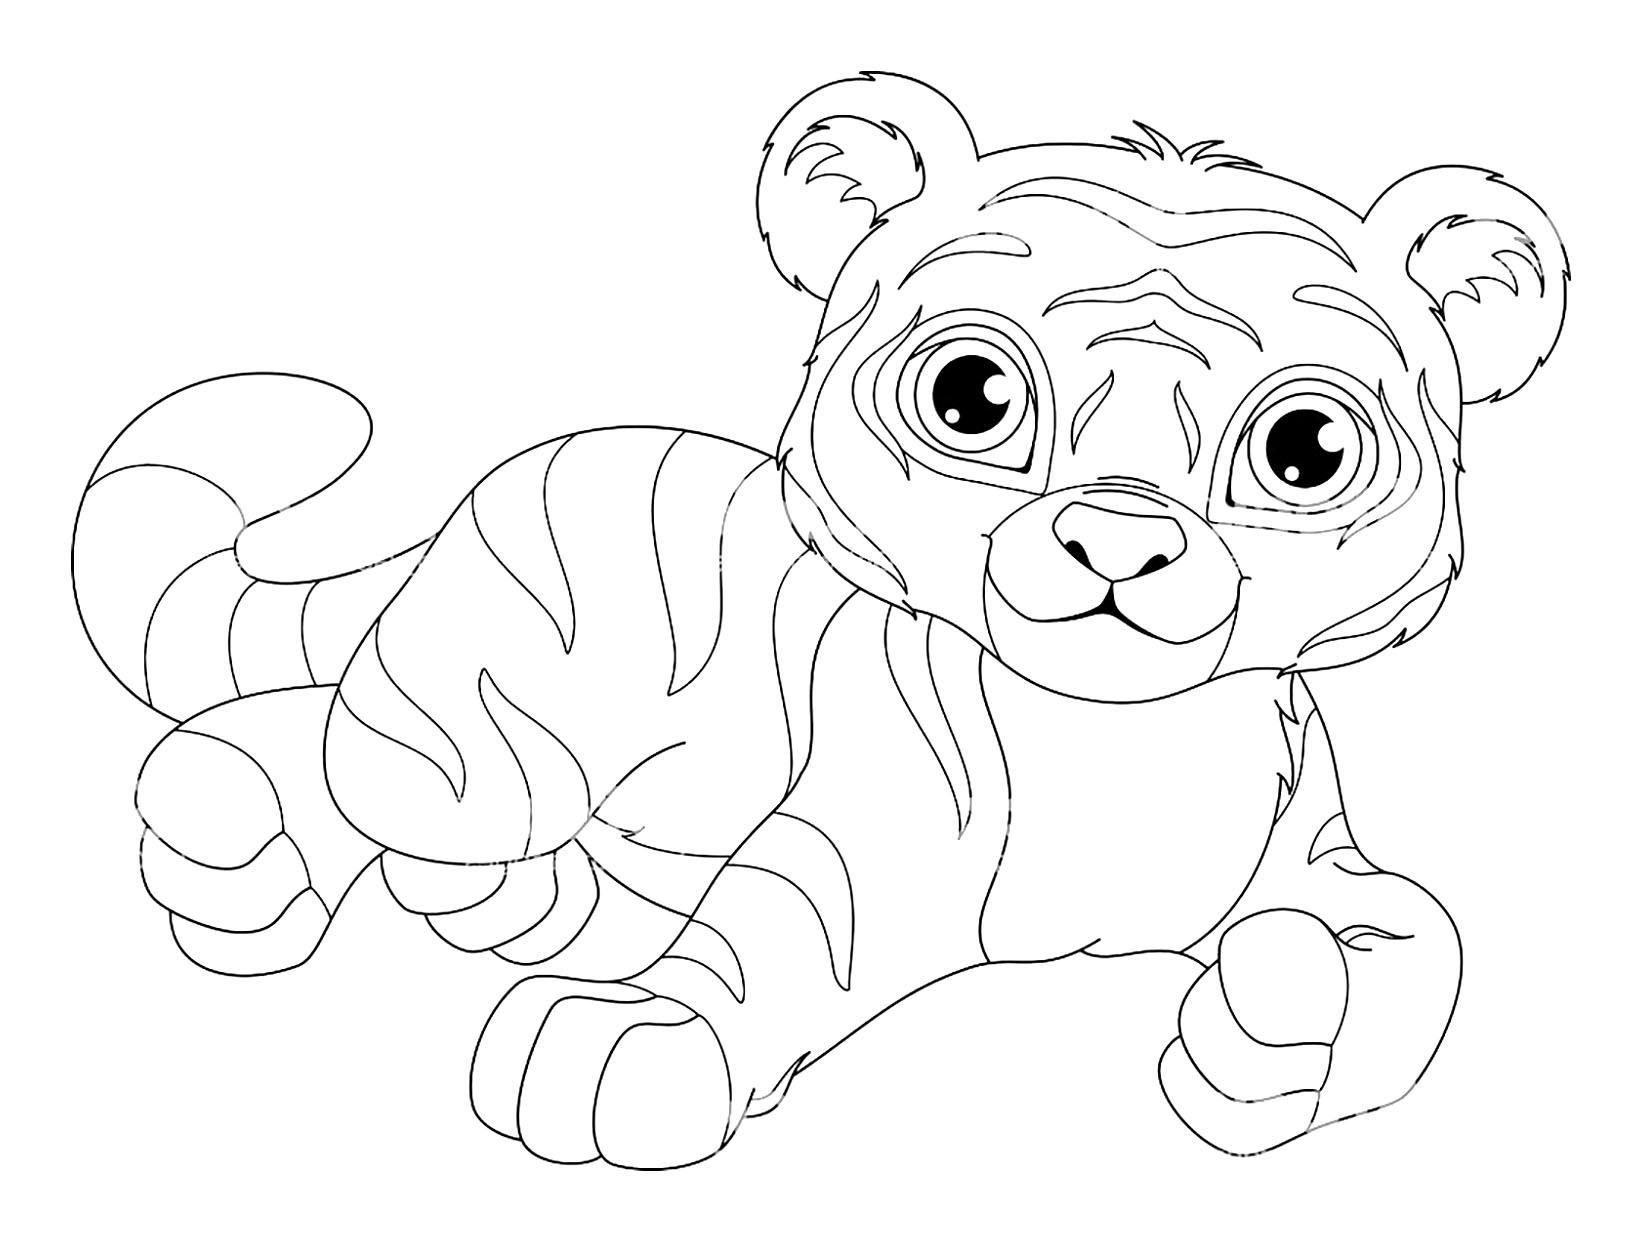 Joli coloriage de tigre assez simple